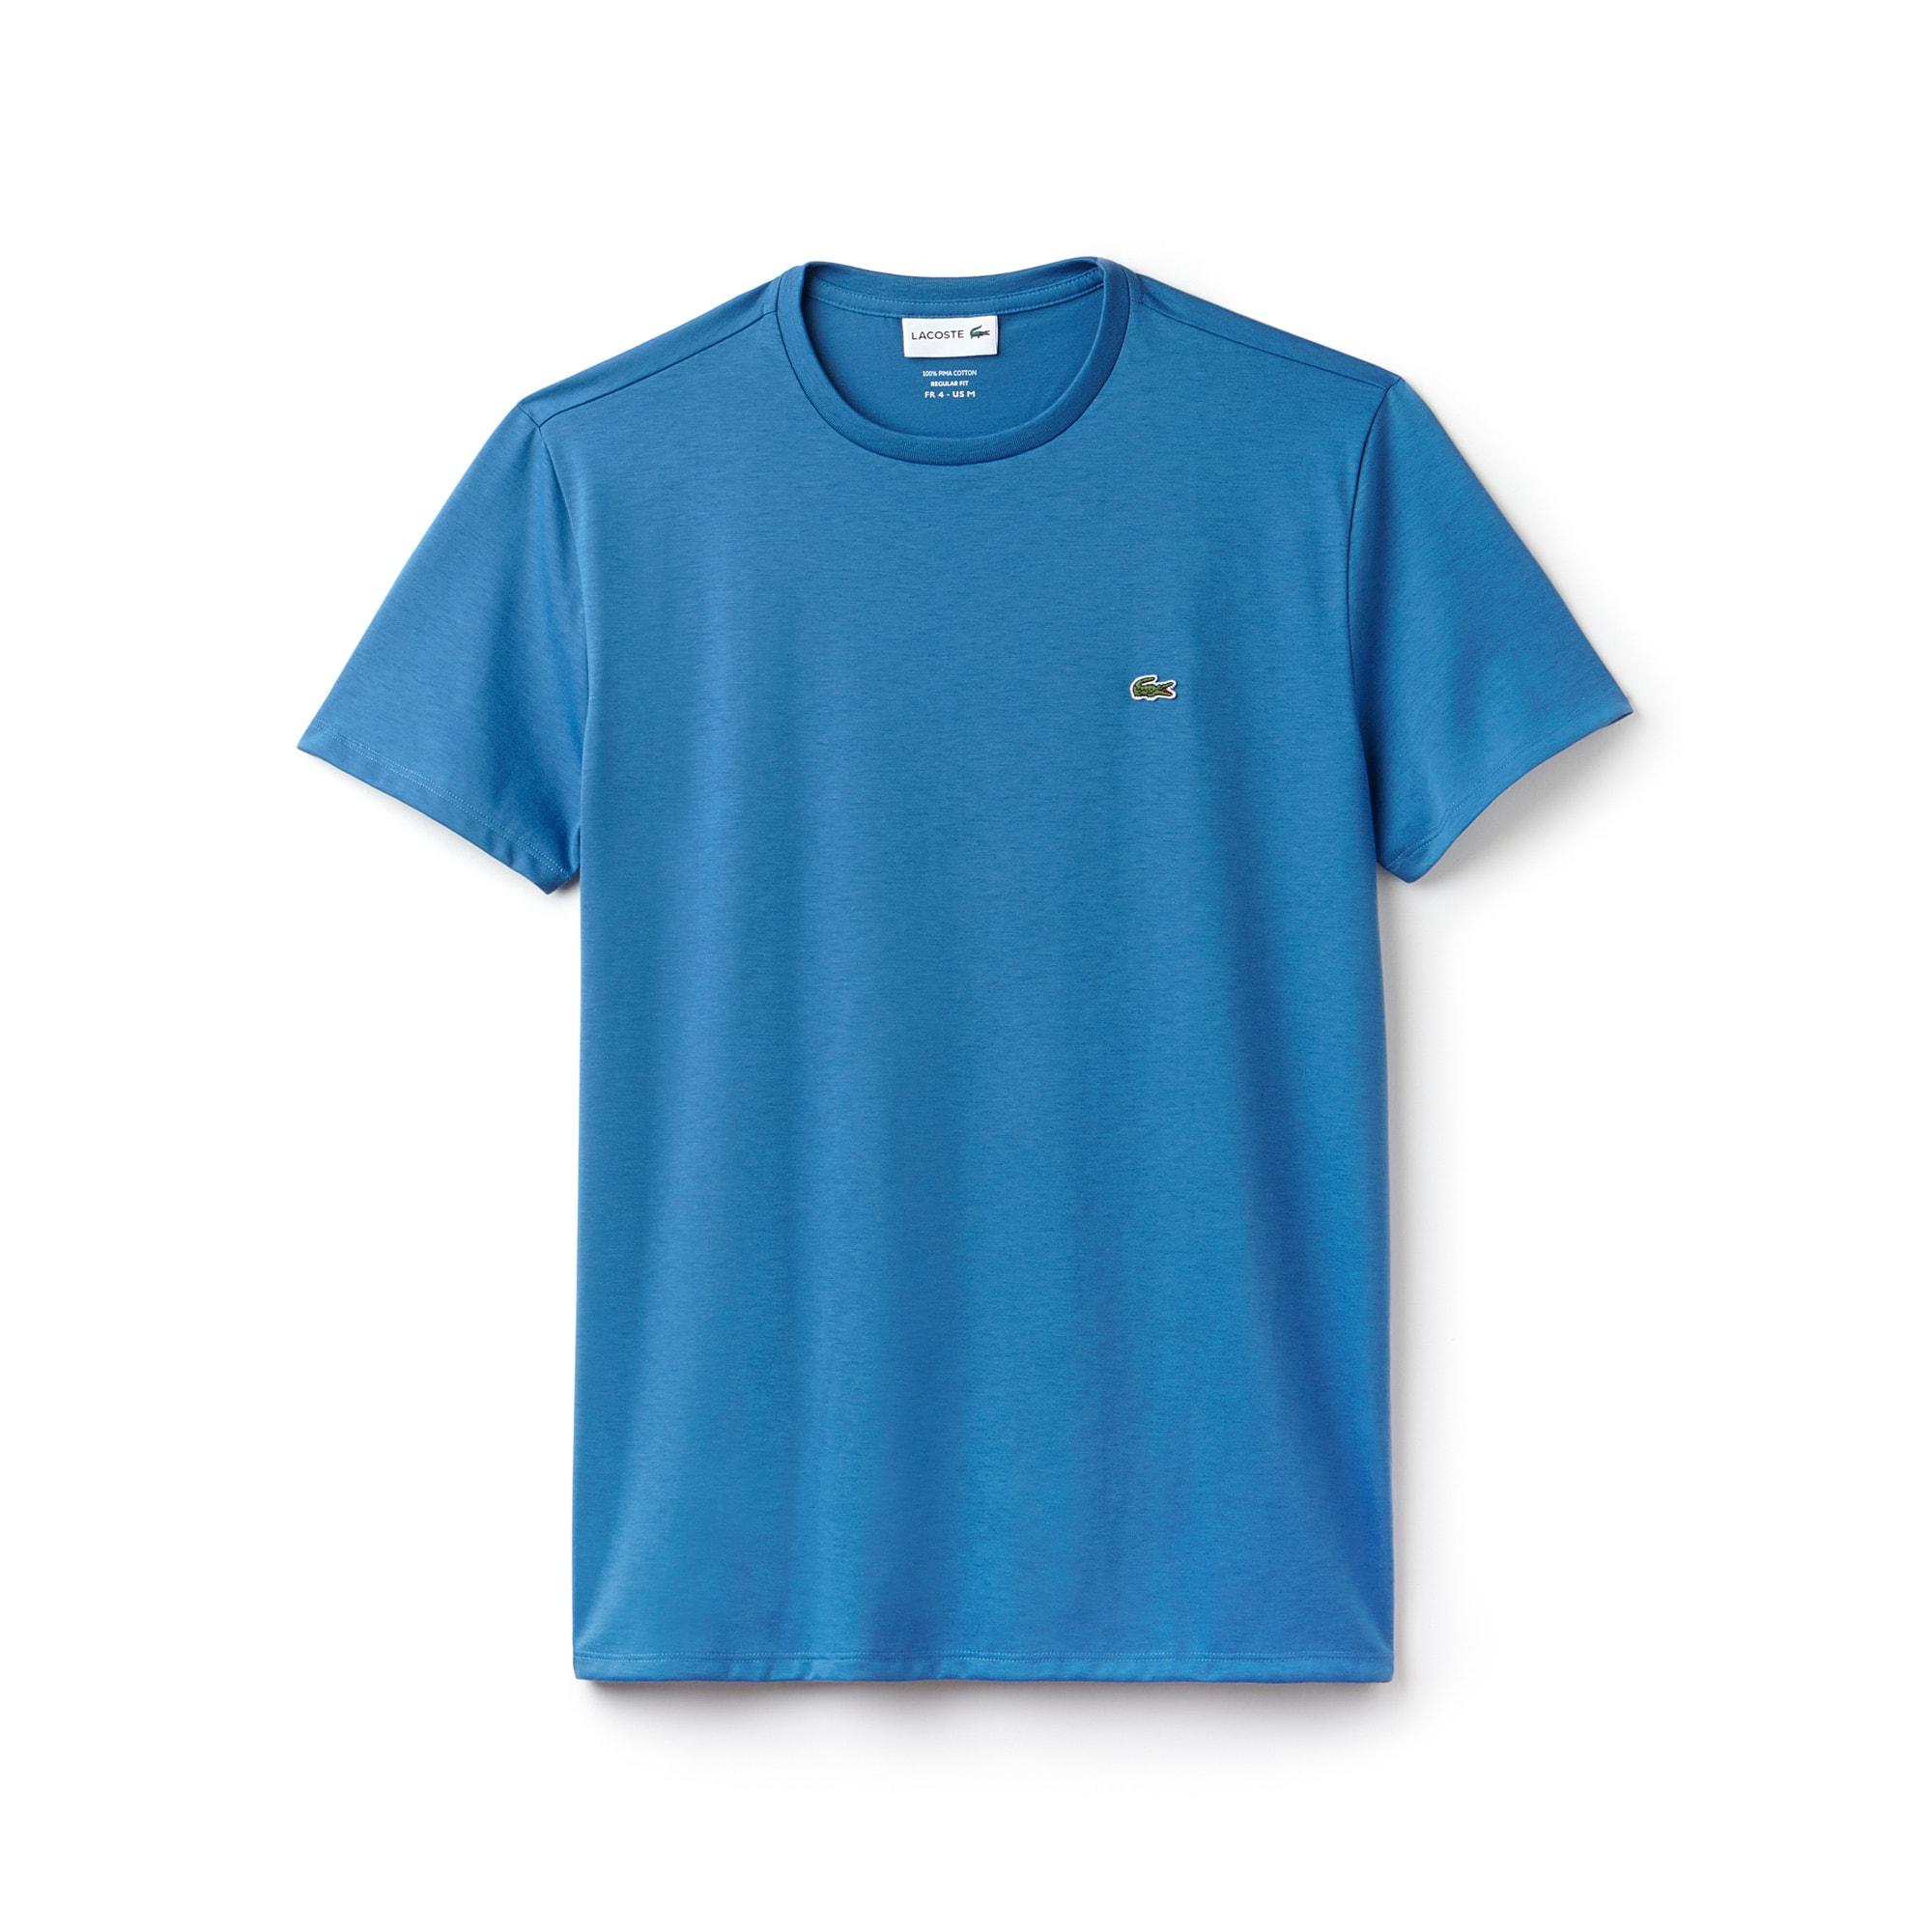 T-shirt decote redondo em jersey de algodão pima unicolor